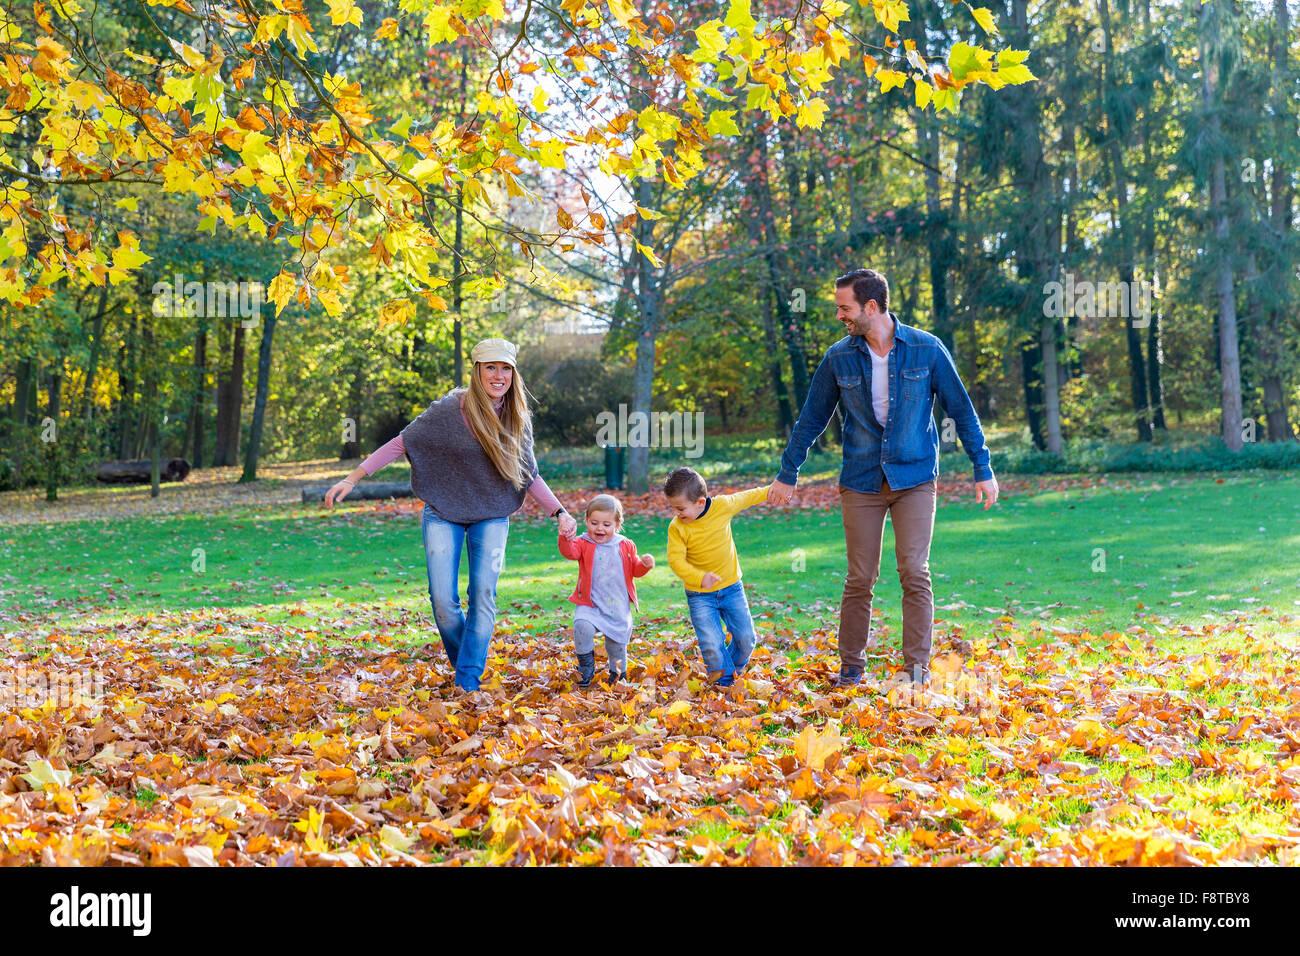 Famiglia passeggiate nel parco Immagini Stock